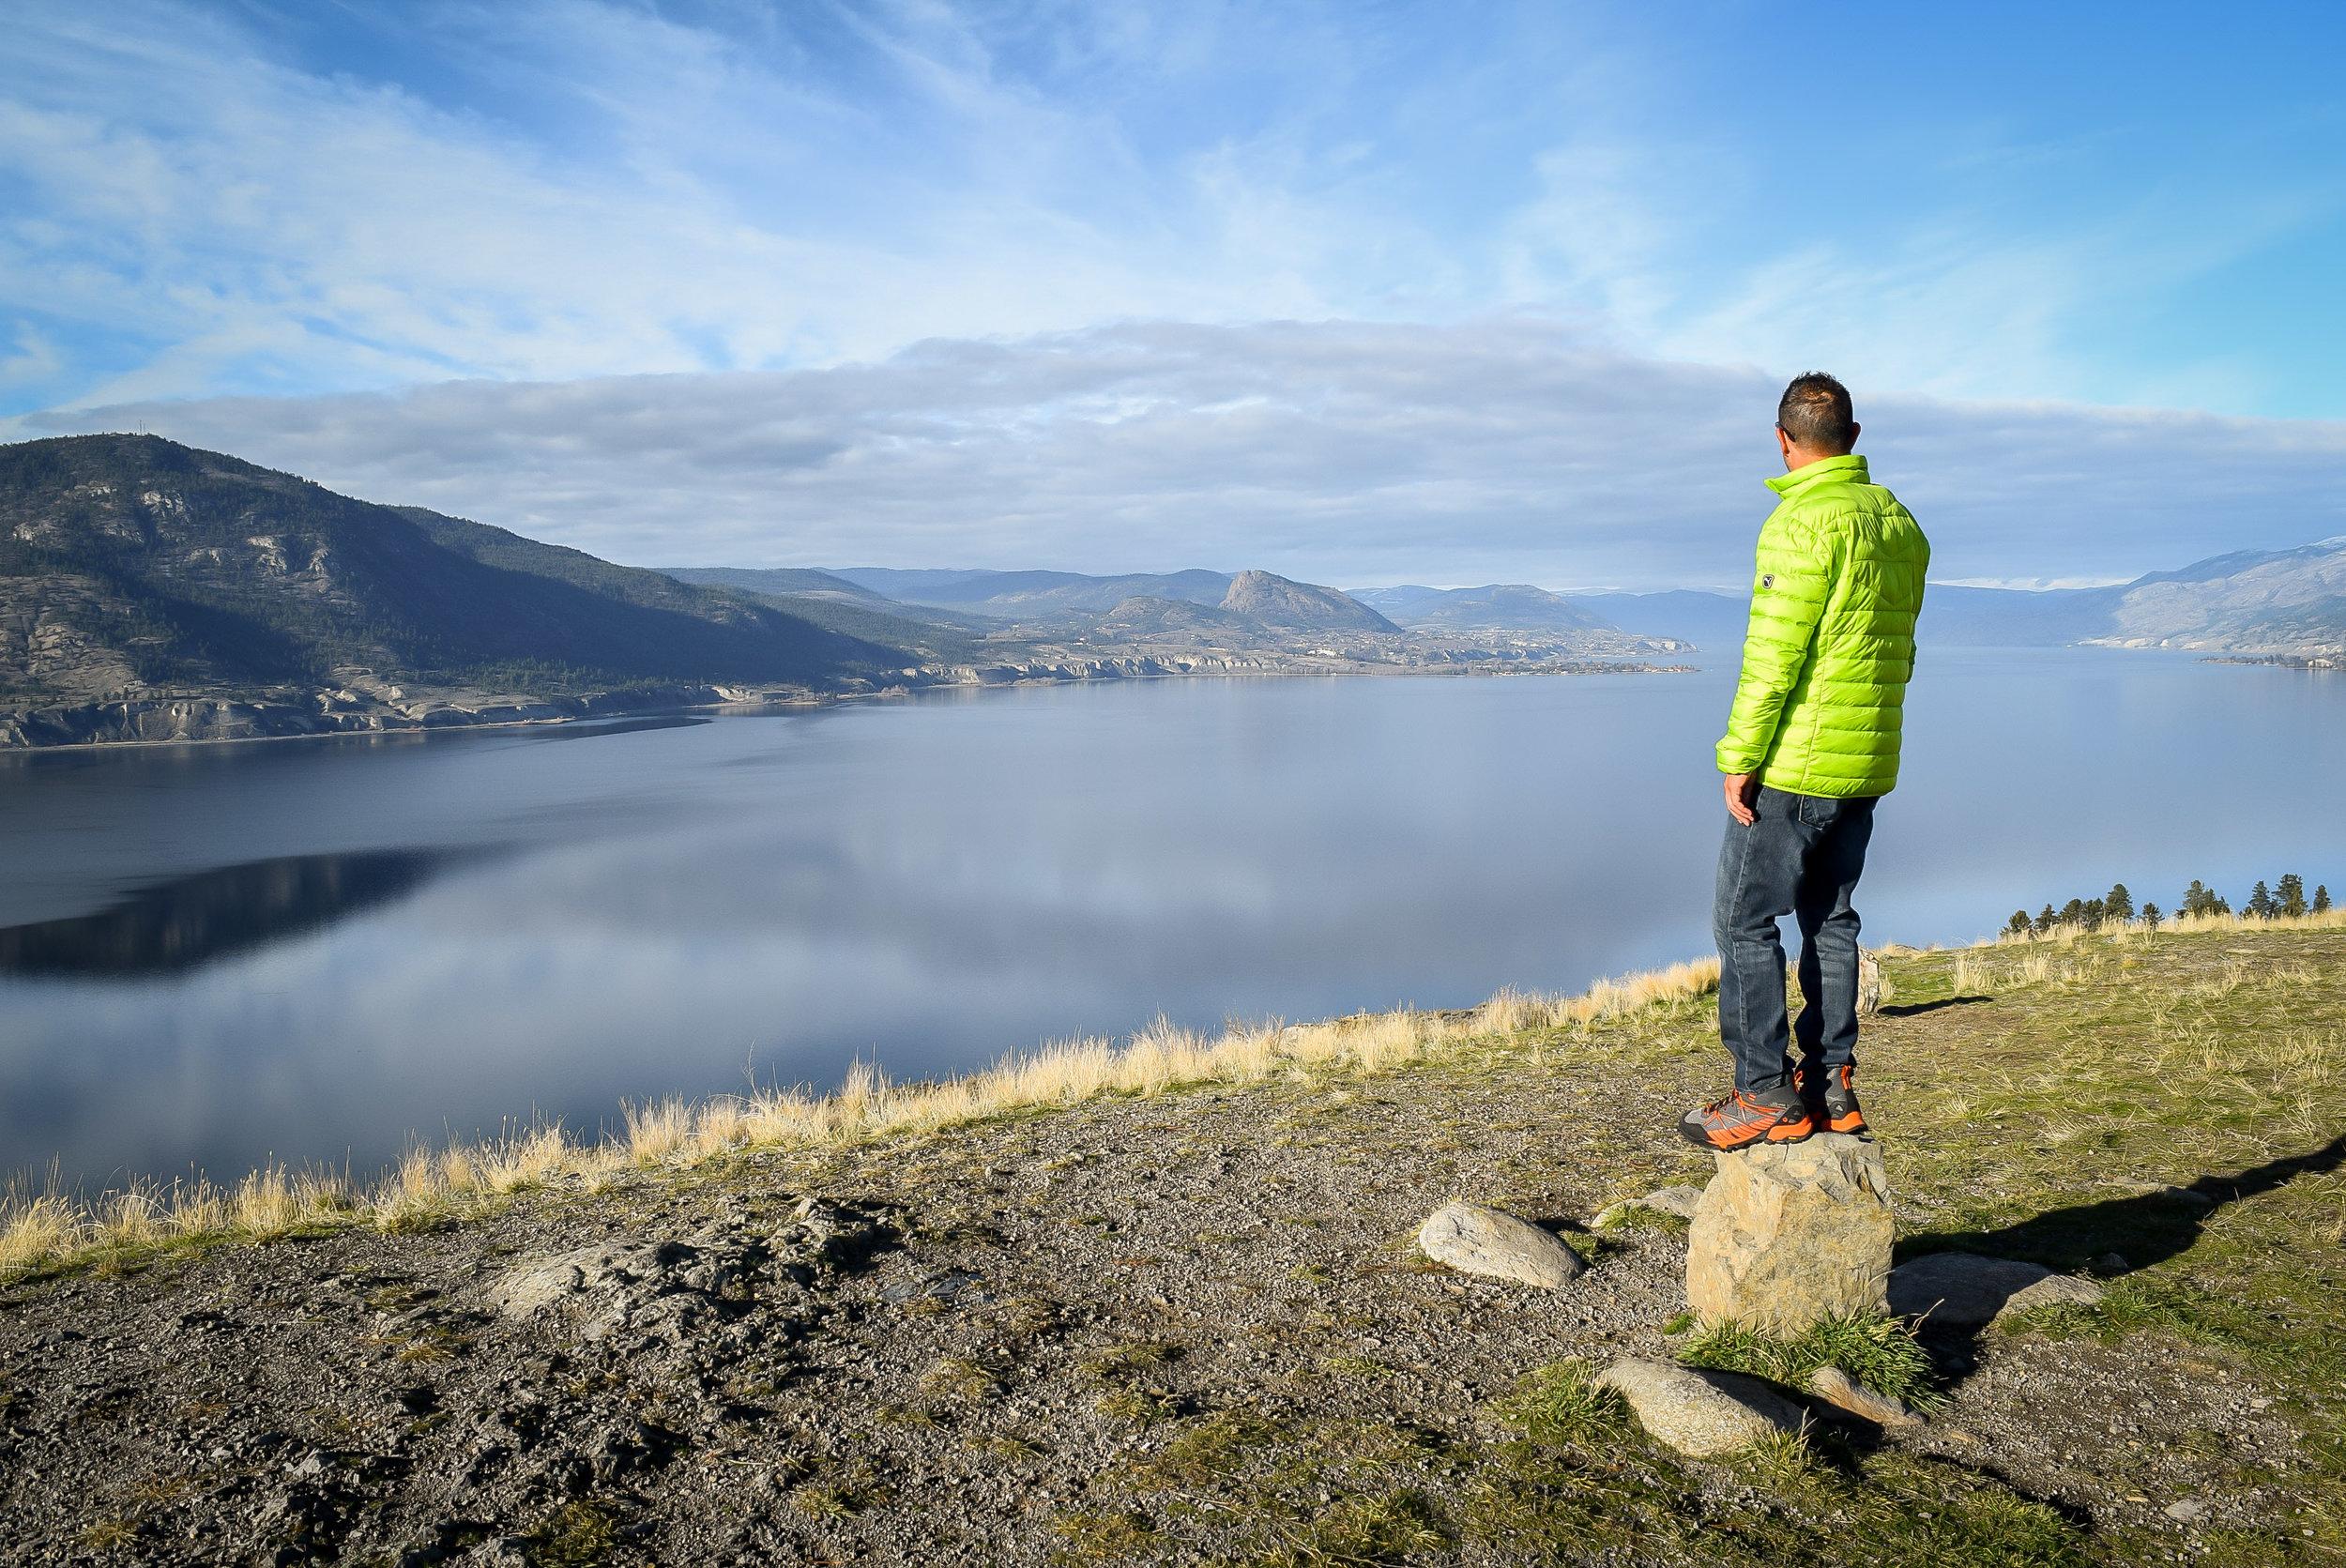 View of Okanagan Lake from Munson Mountain